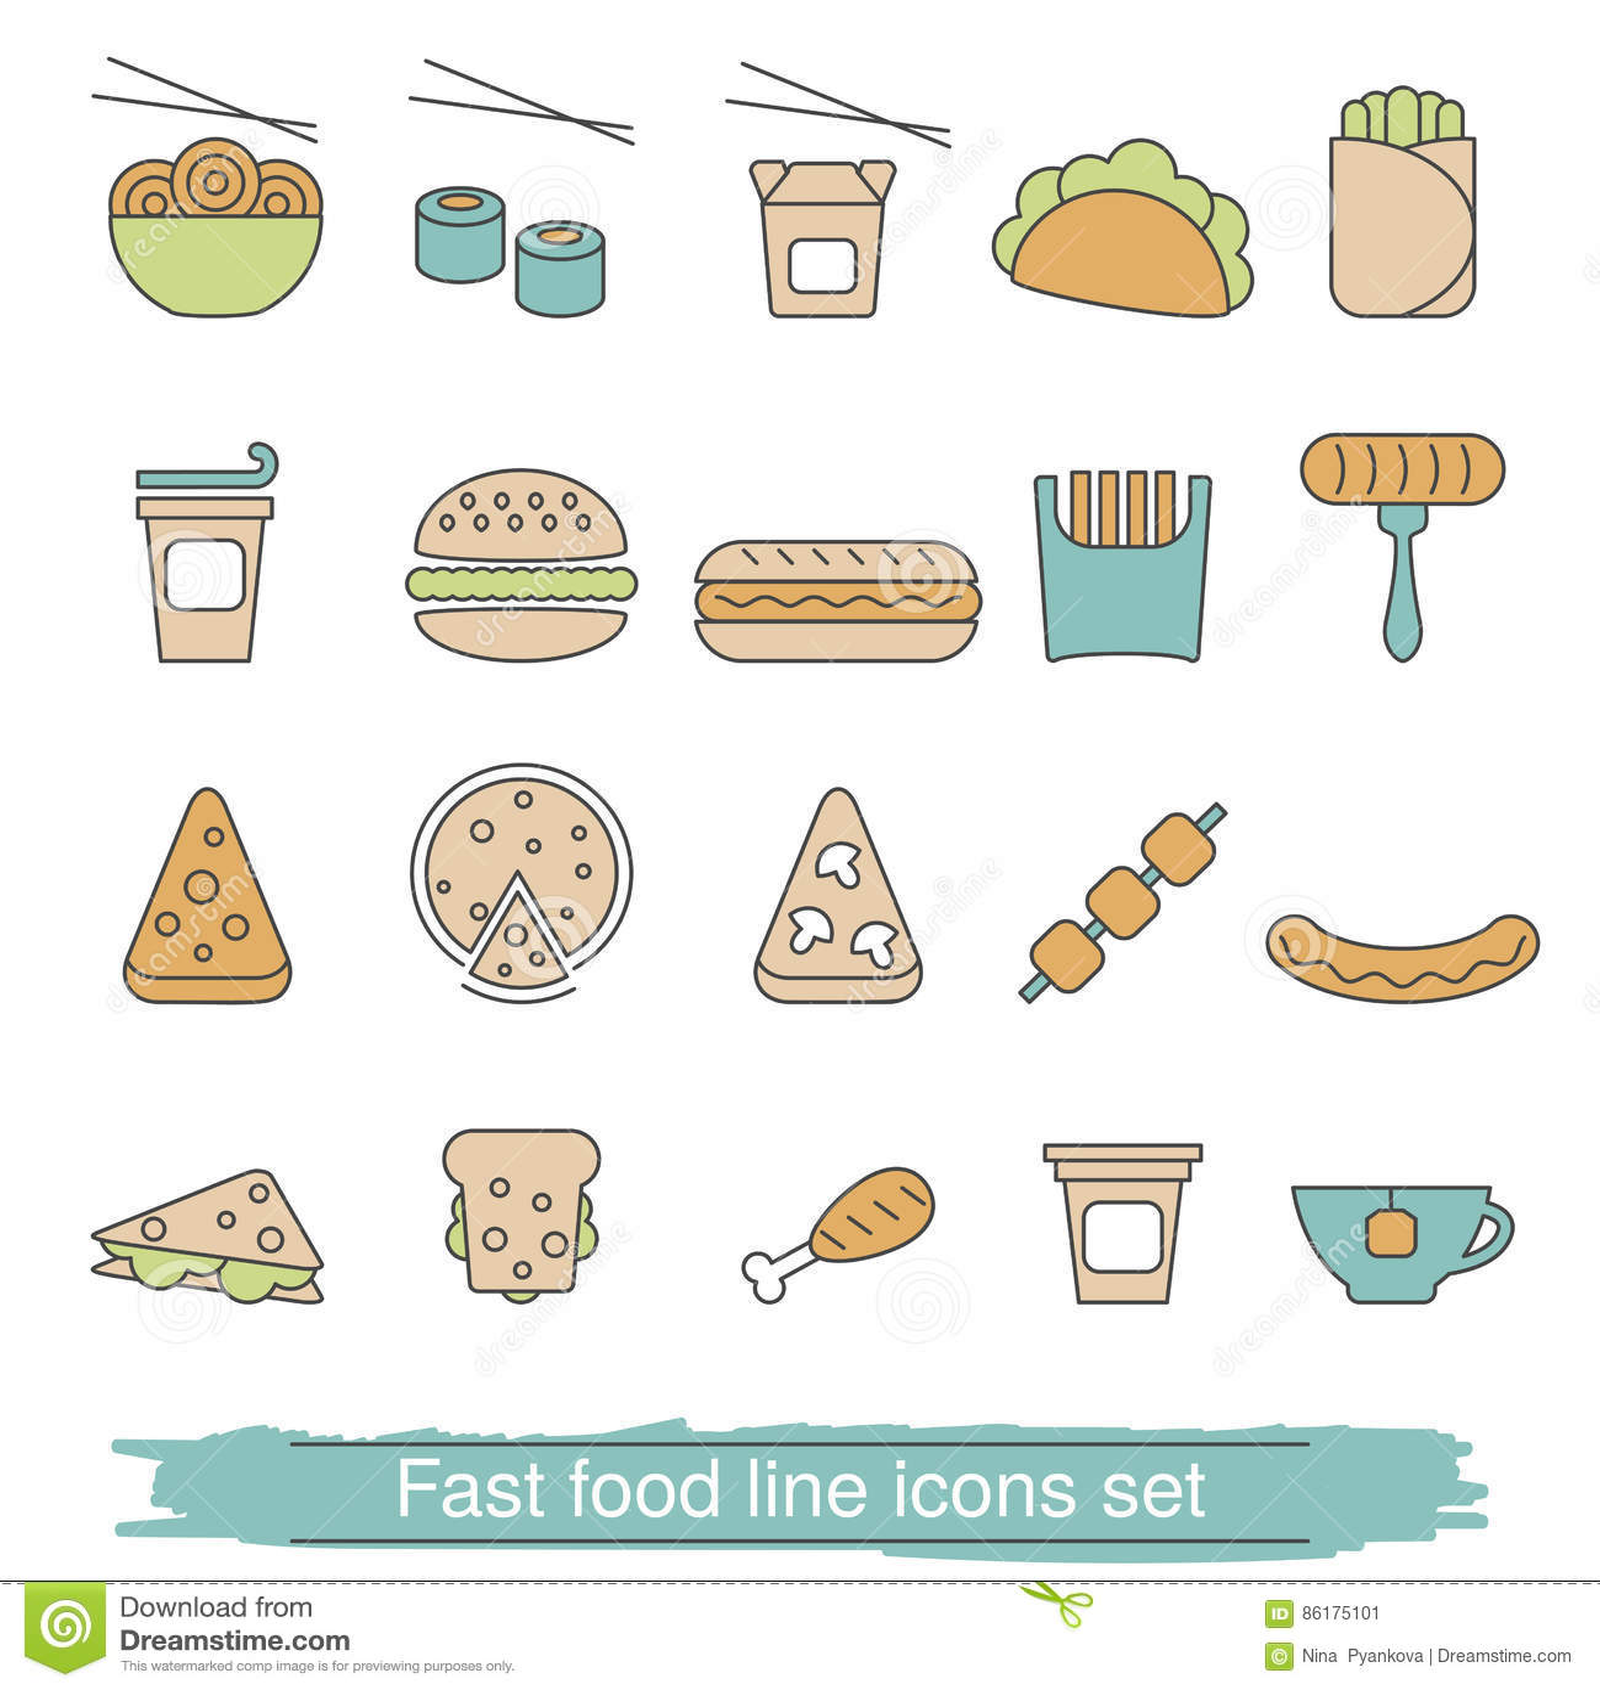 food line set flipboard - HD1000×1080